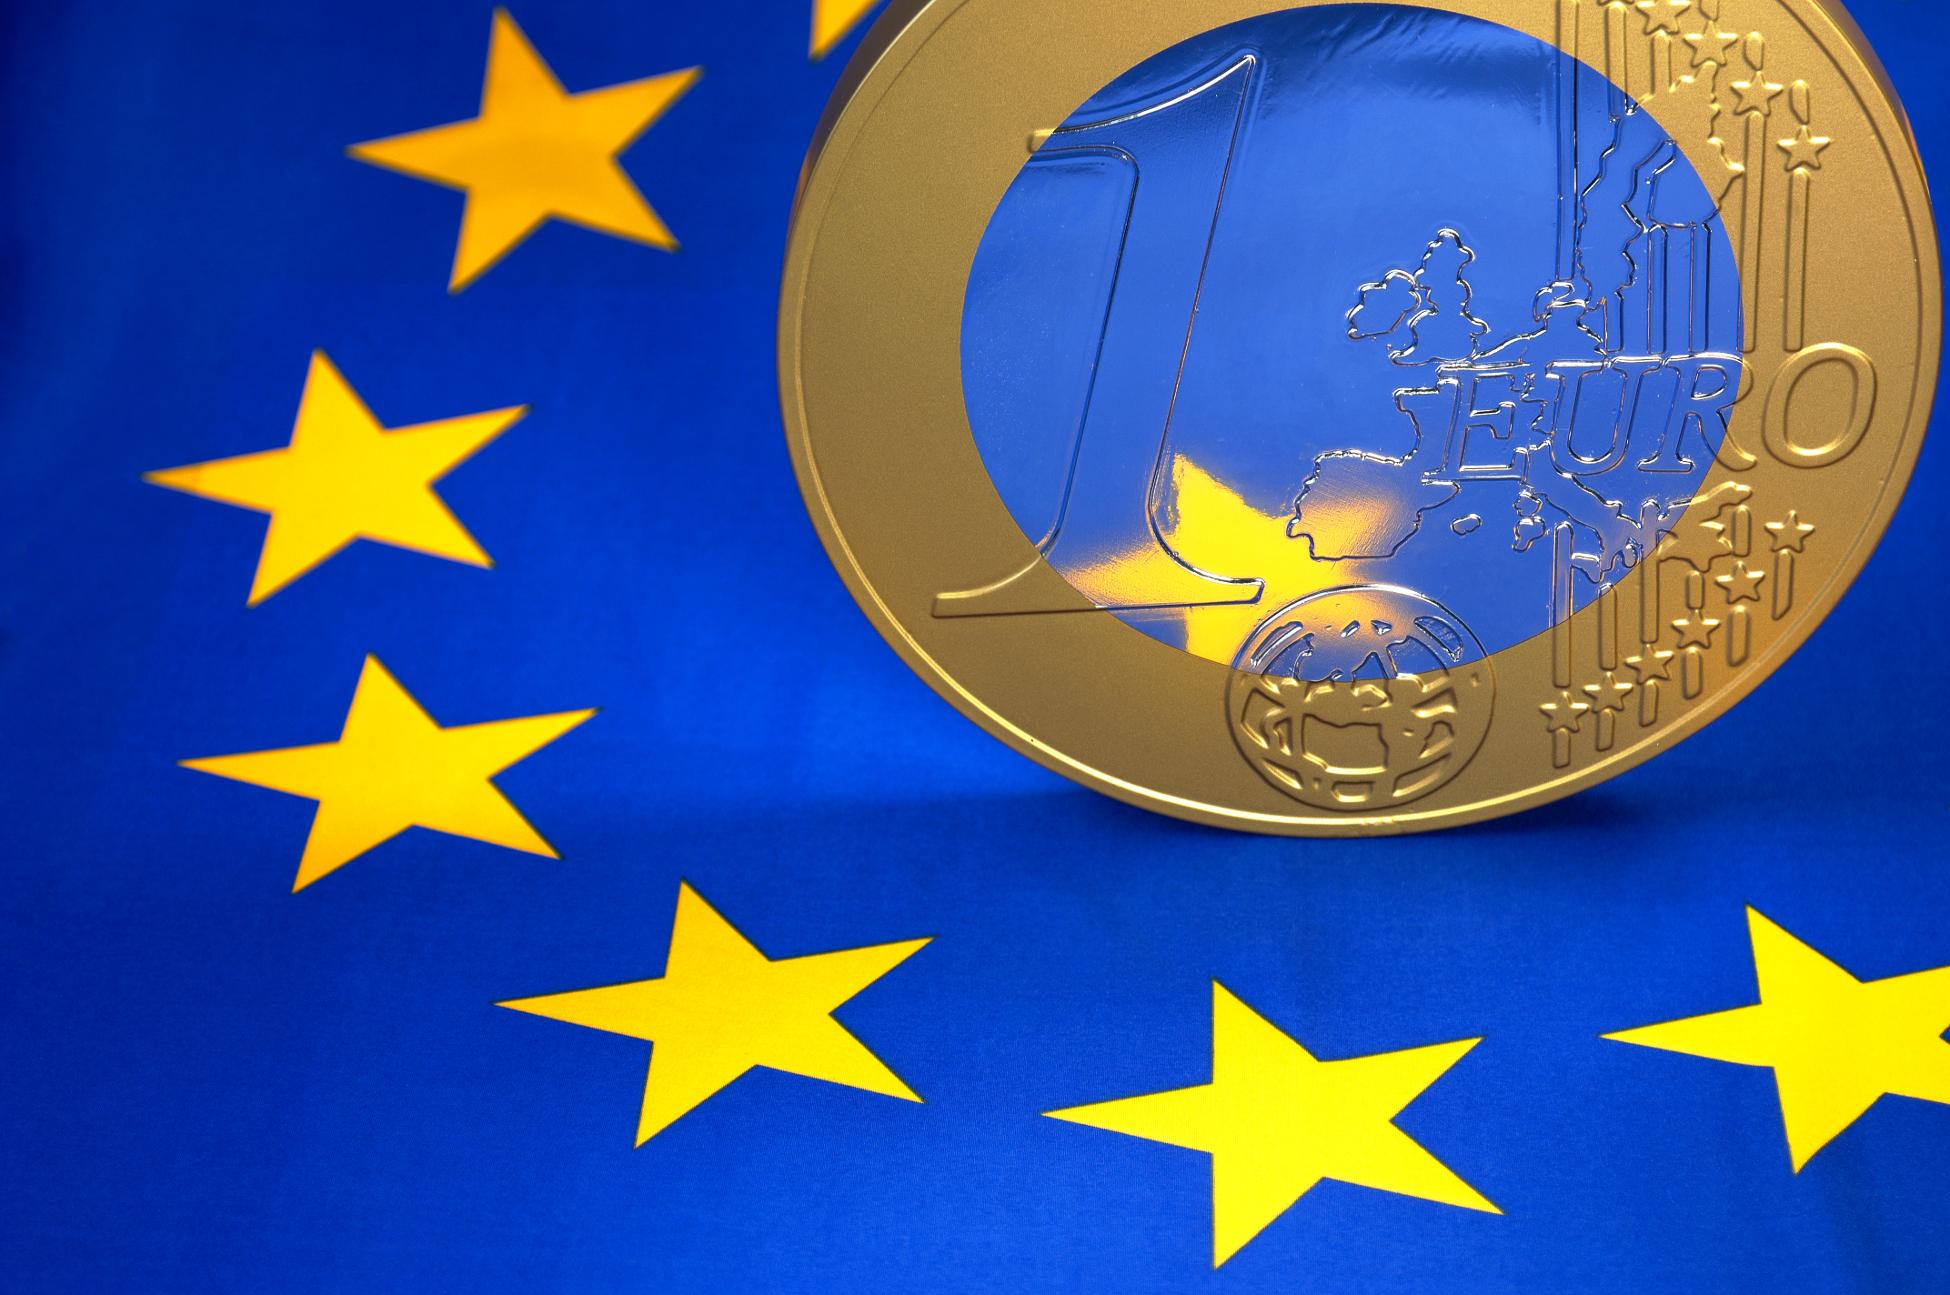 Konsekwentnie dla Pomorzan – bądź częścią zmian, skorzystaj z Funduszy Europejskich